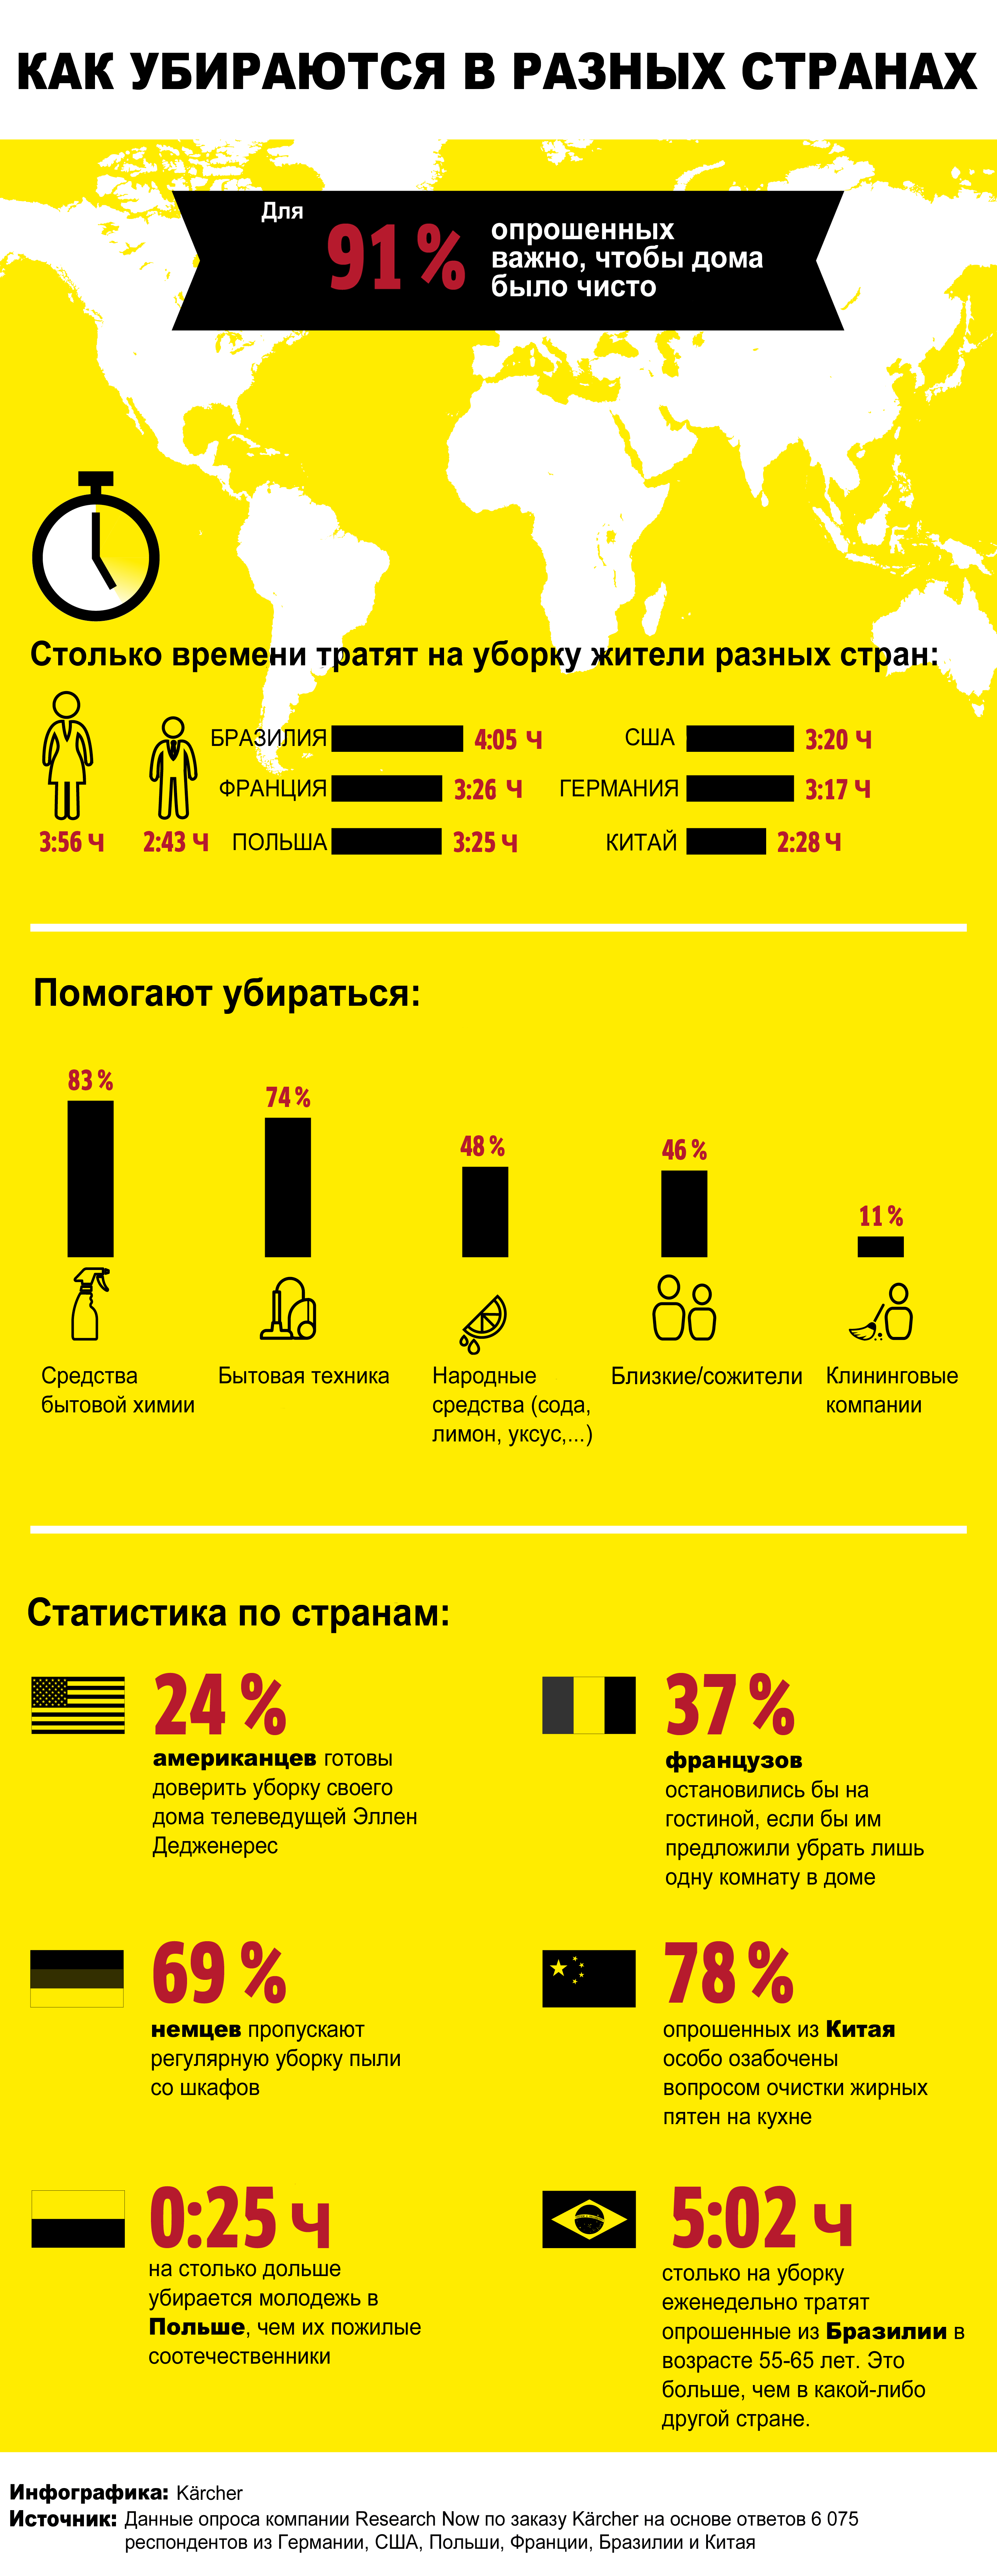 Особенности национальной уборки: как убираются в разных странах мира